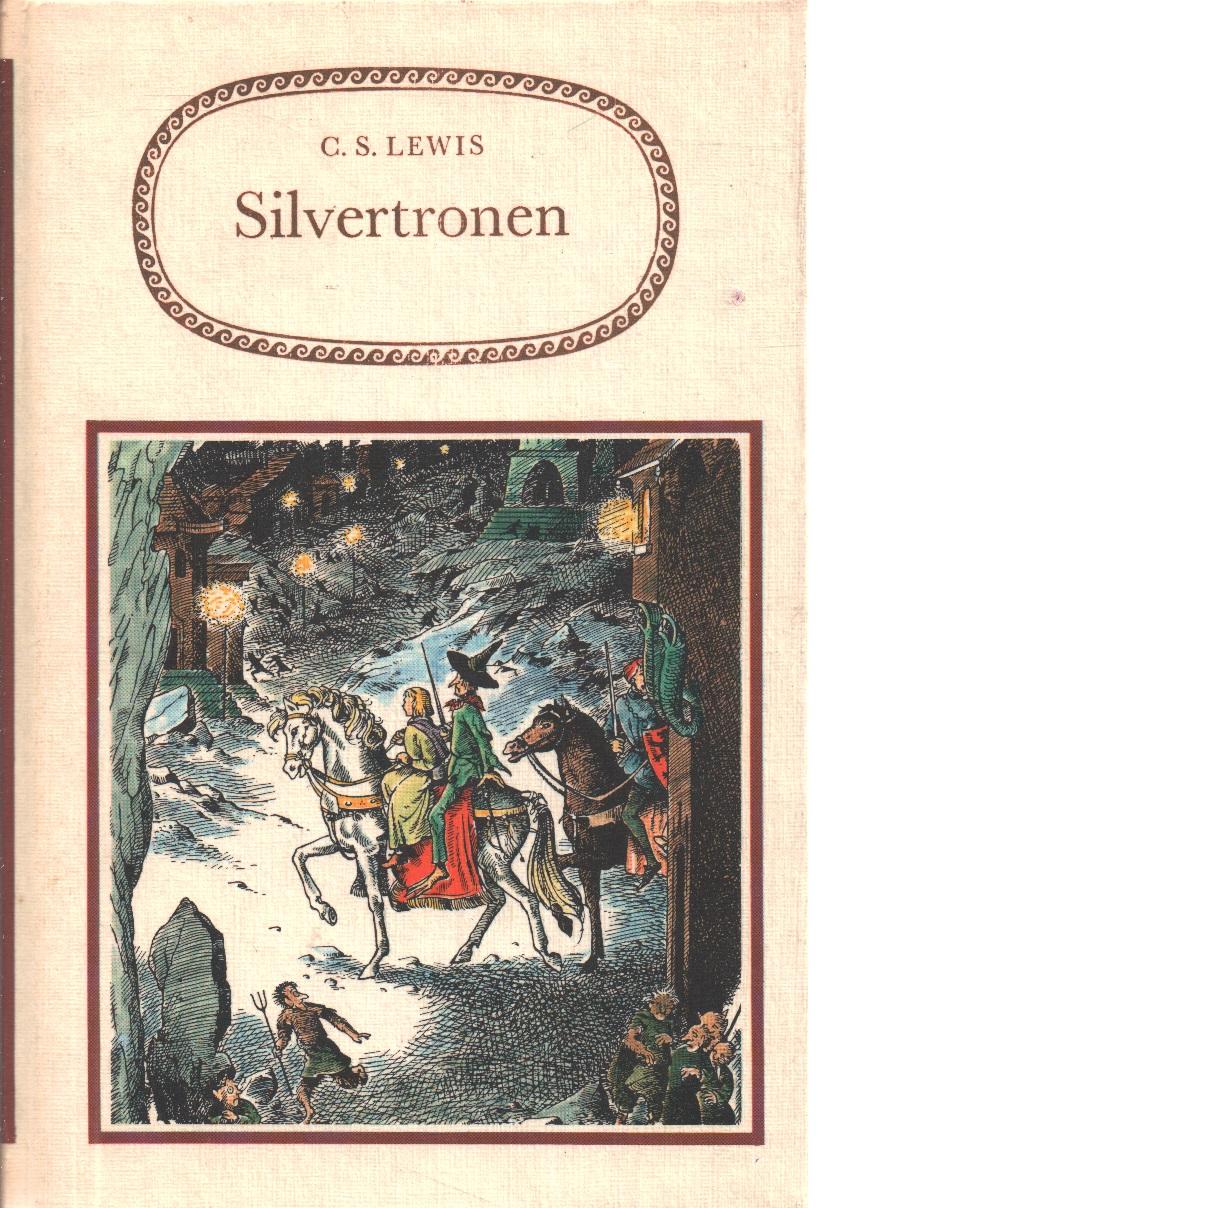 Silvertronen - Lewis, C. S.